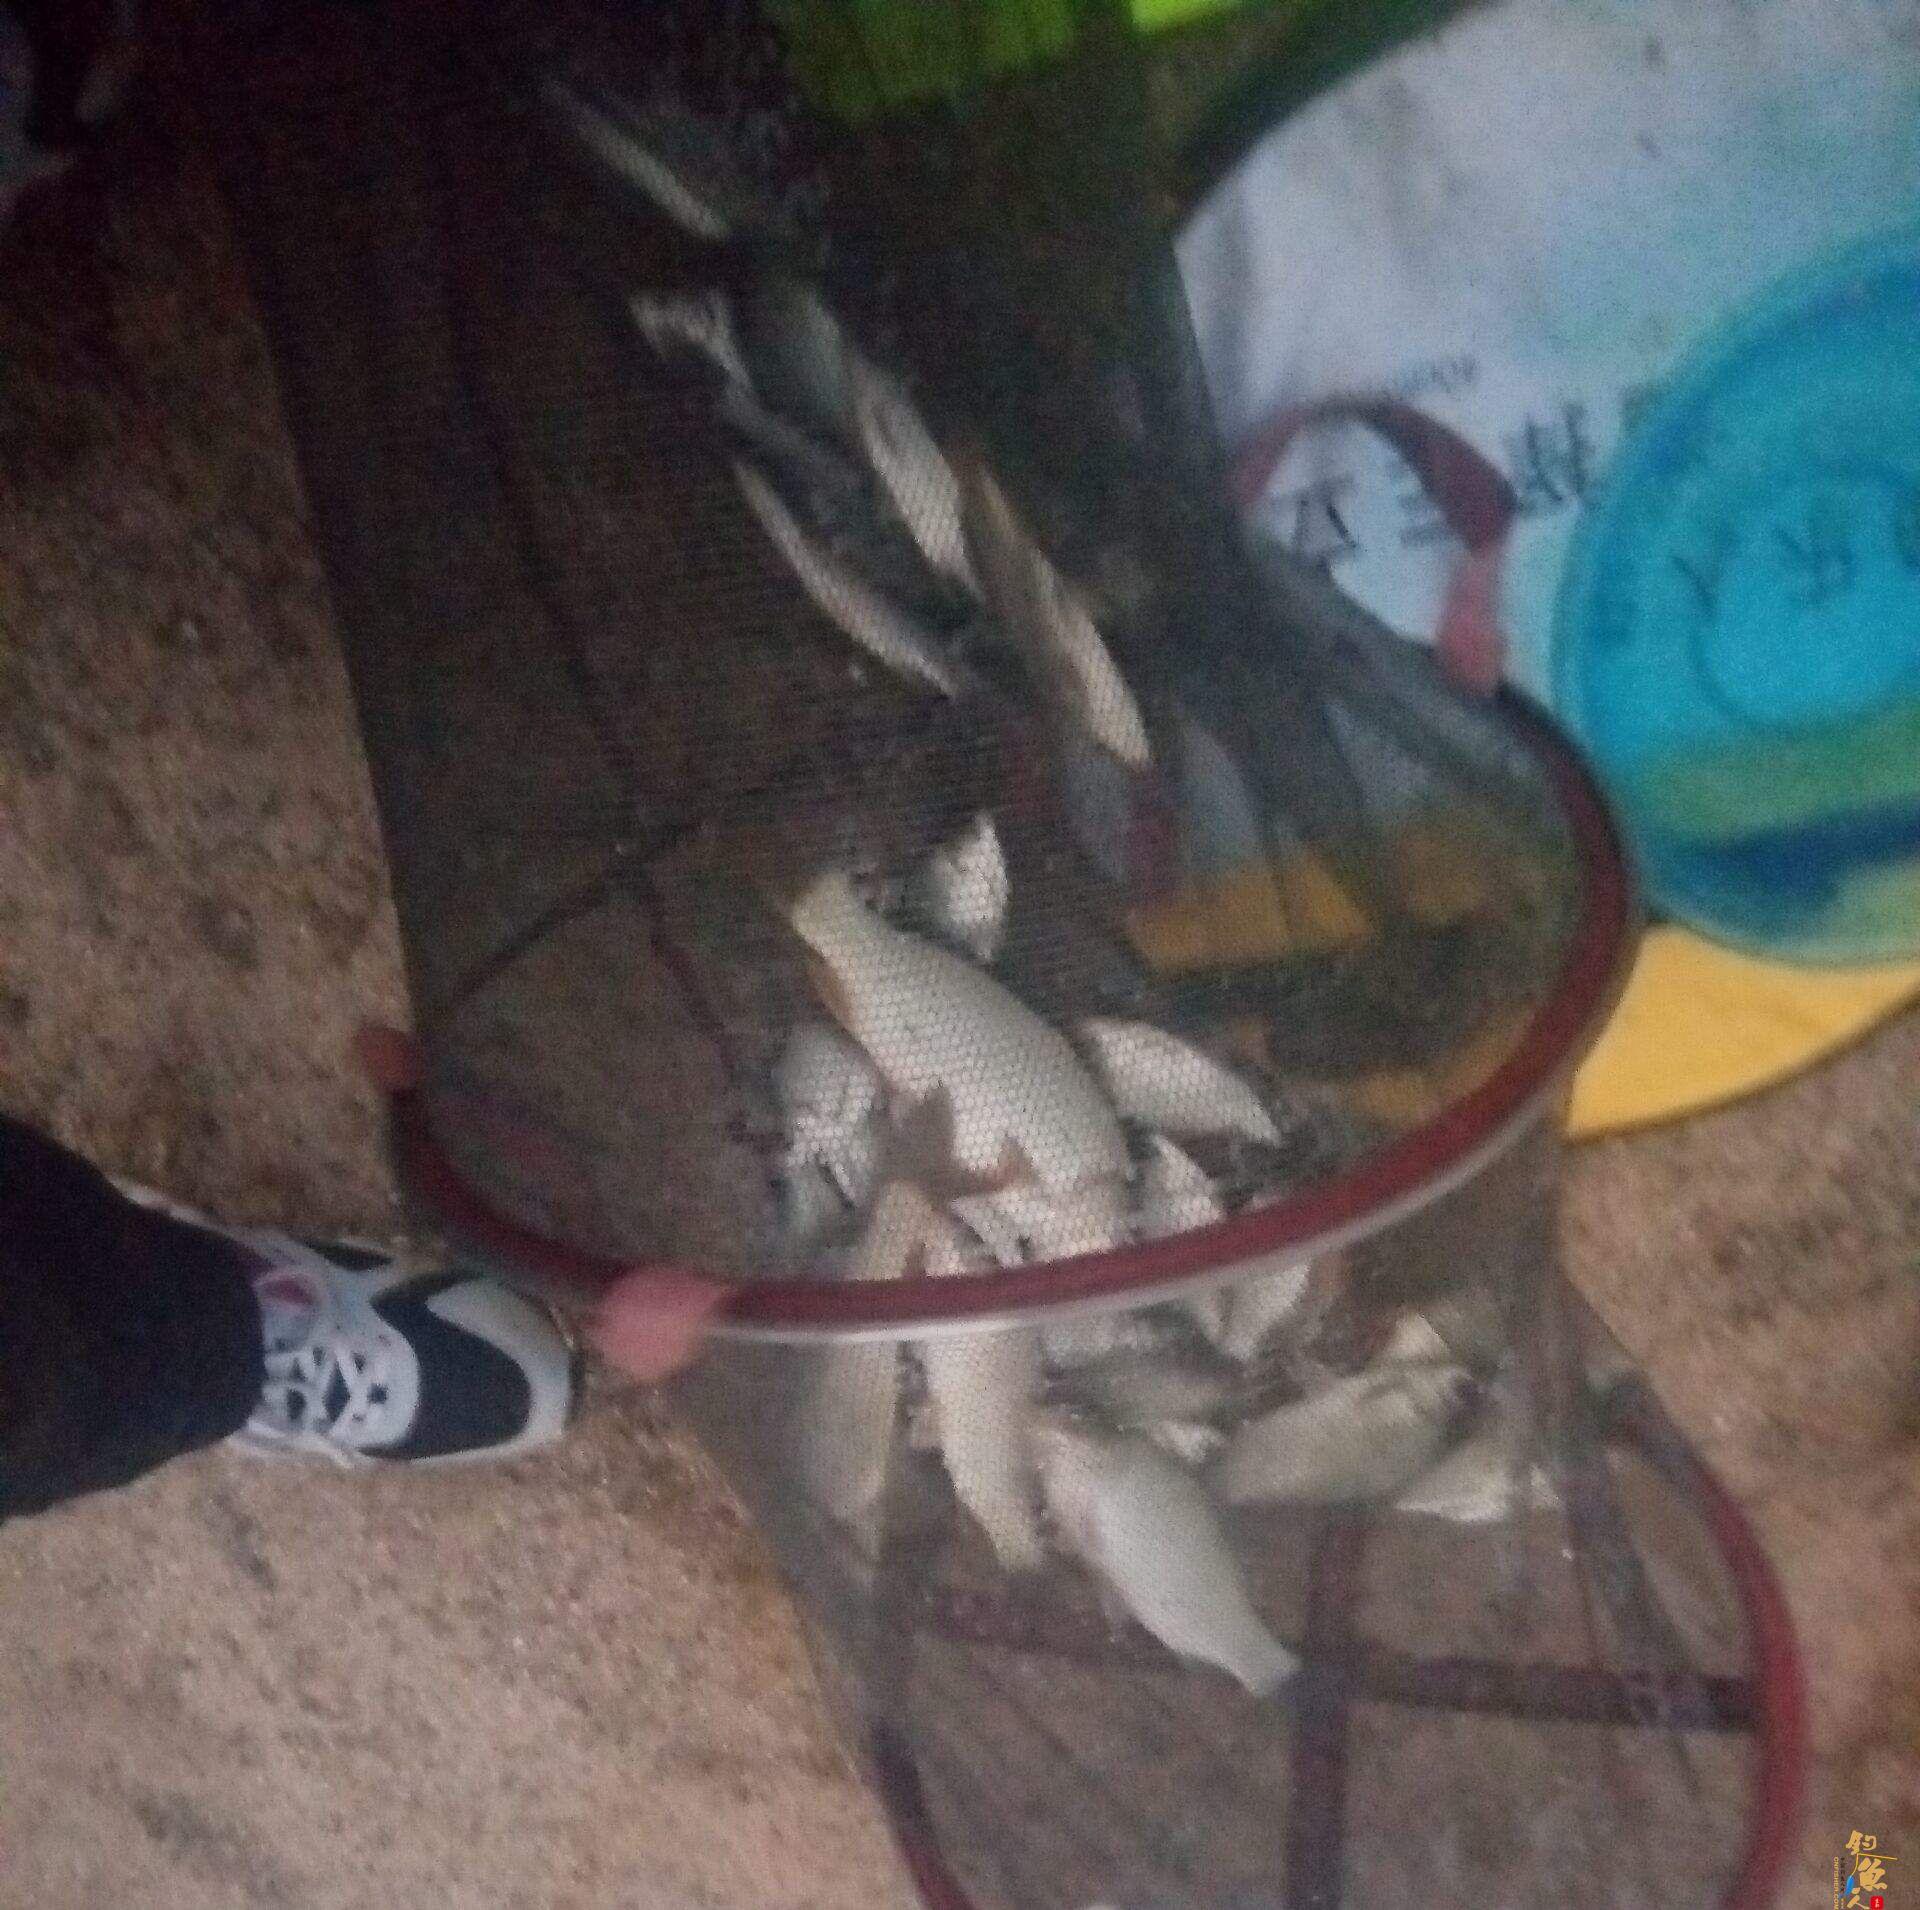 0.8+0.6   4号袖   拔走一副大线   漂也带走了   大鲤鱼跑了